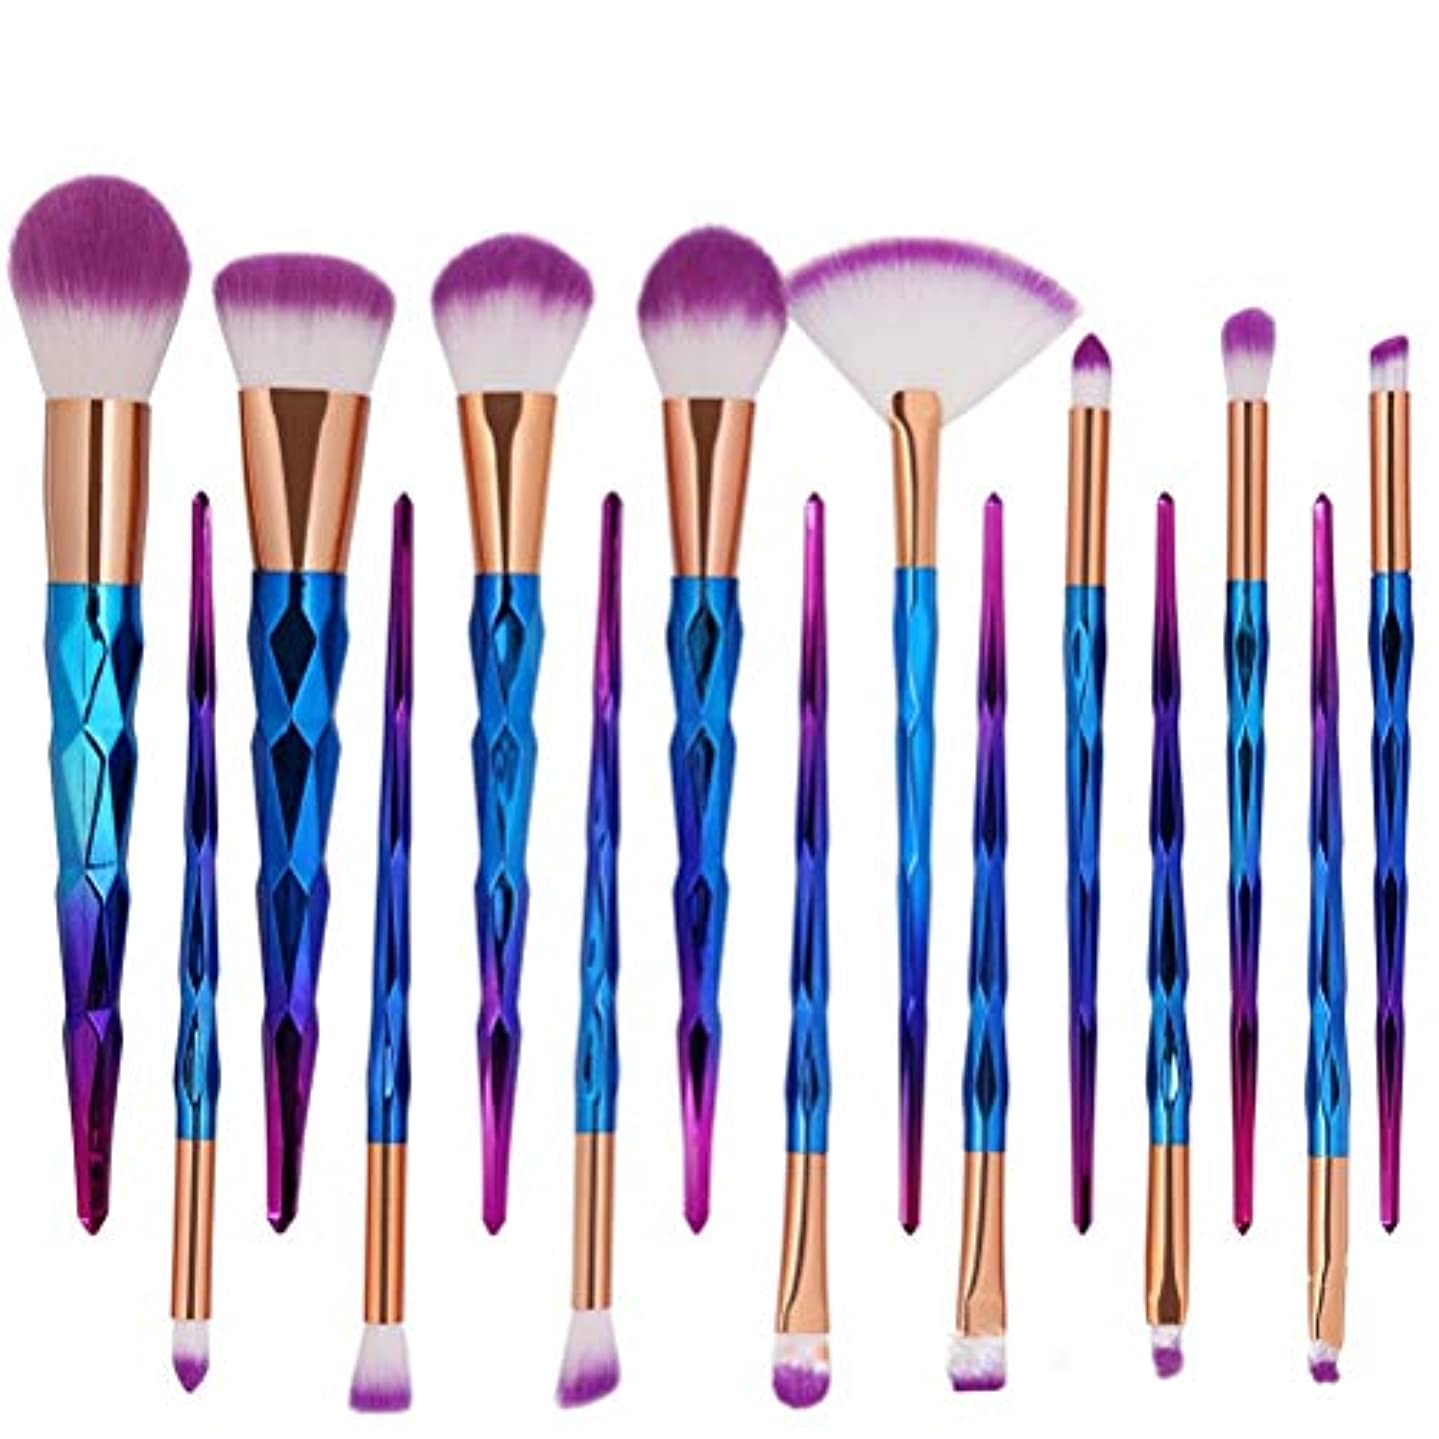 親指と緯度LSHJP 化粧ブラシ 15個 不規則な 個性的 柔らか 安心 便利 ファッション 自然 ビューティー 高品質 高品質 (Color : Purple, Size : ワンサイズ)